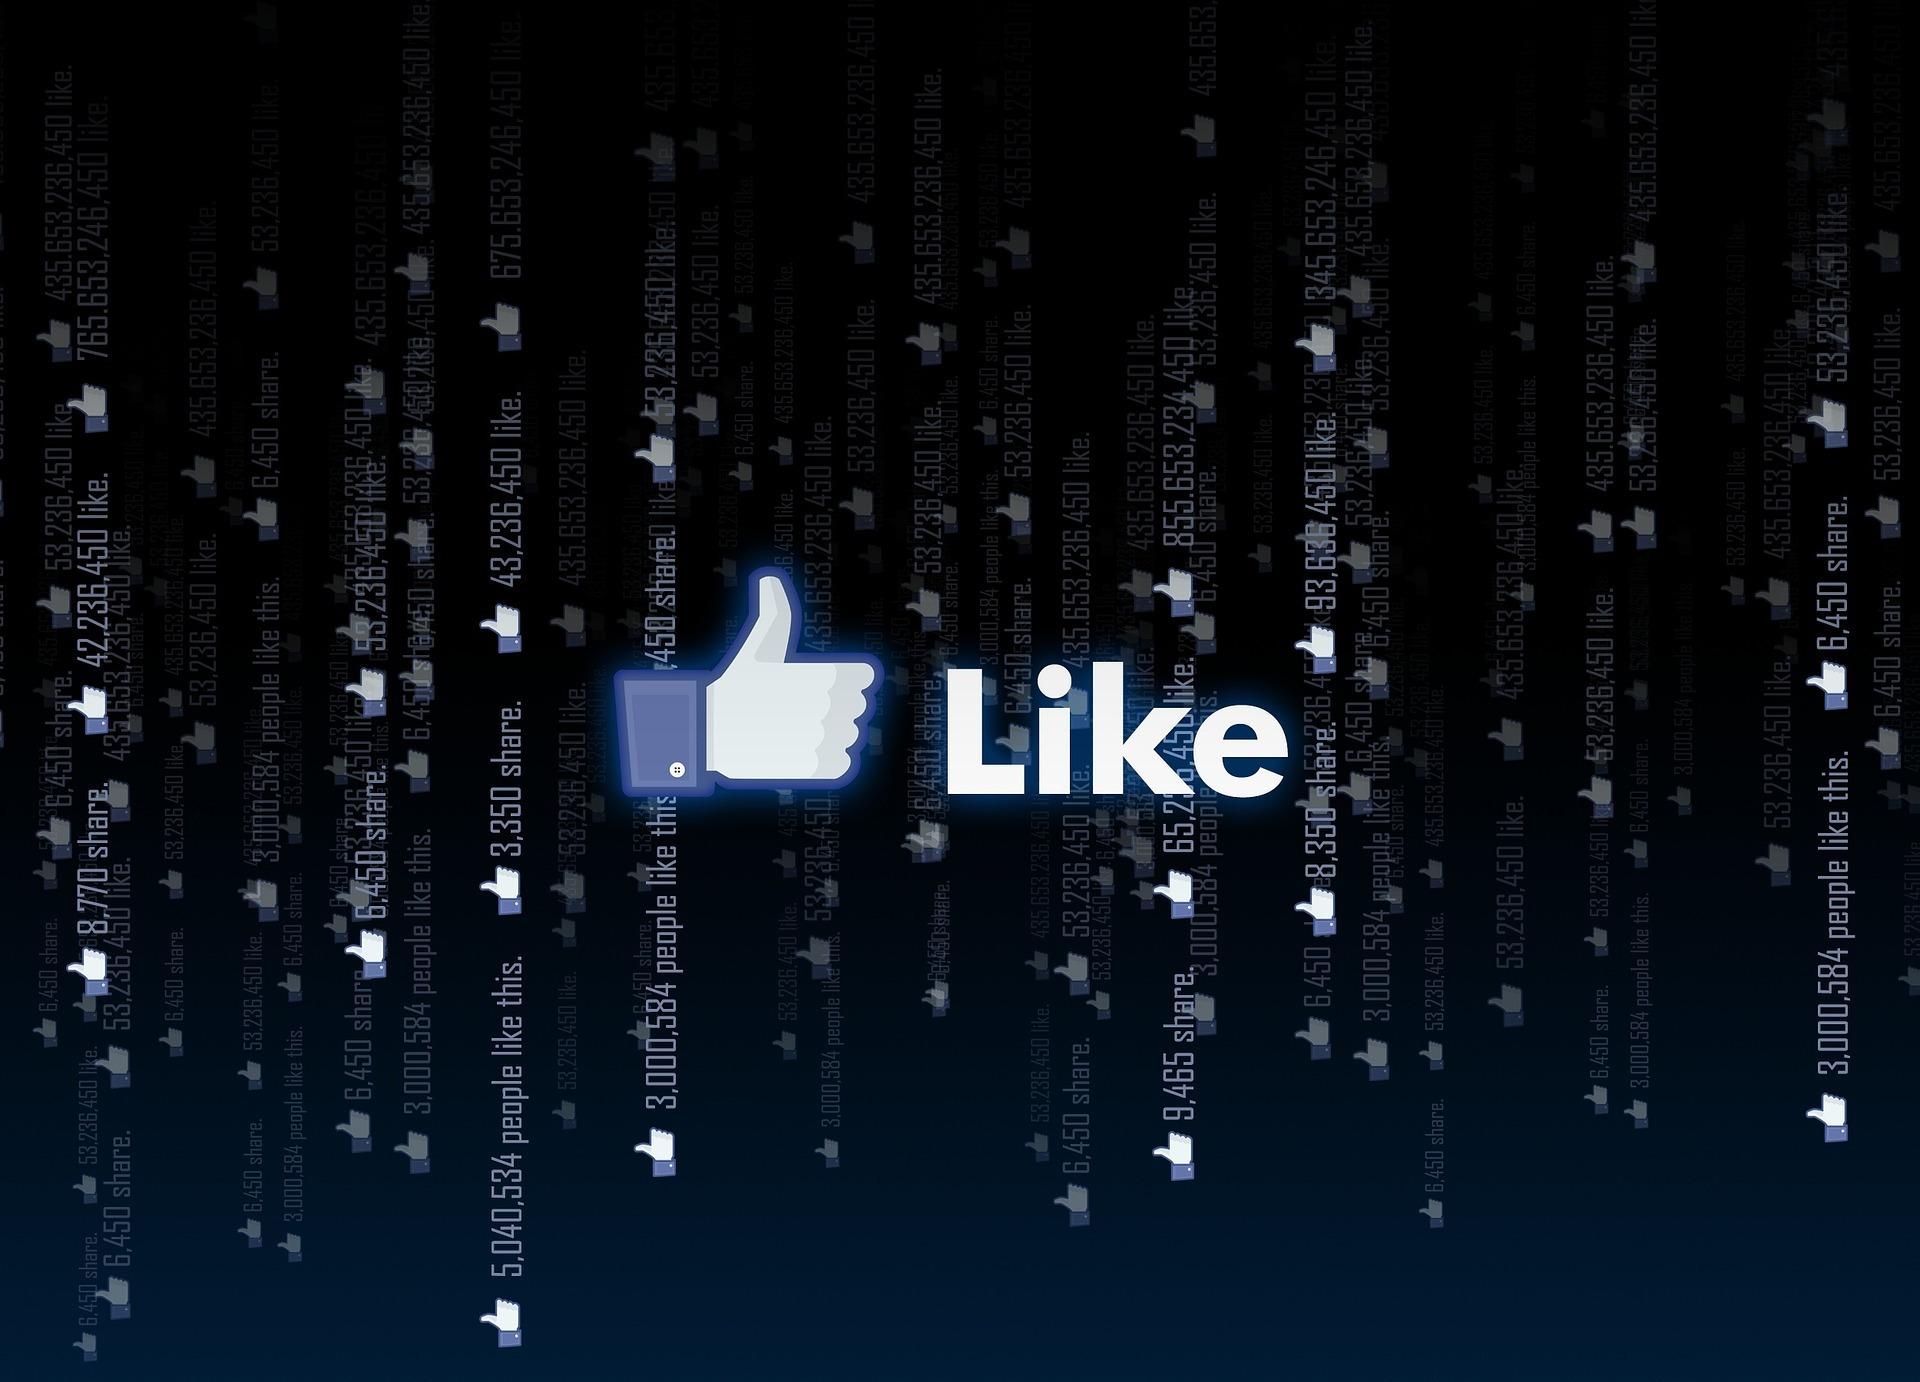 Facebook refuerza y endurece su lucha contra el abuso infantil2 - Facebook refuerza y endurece su lucha contra el abuso infantil